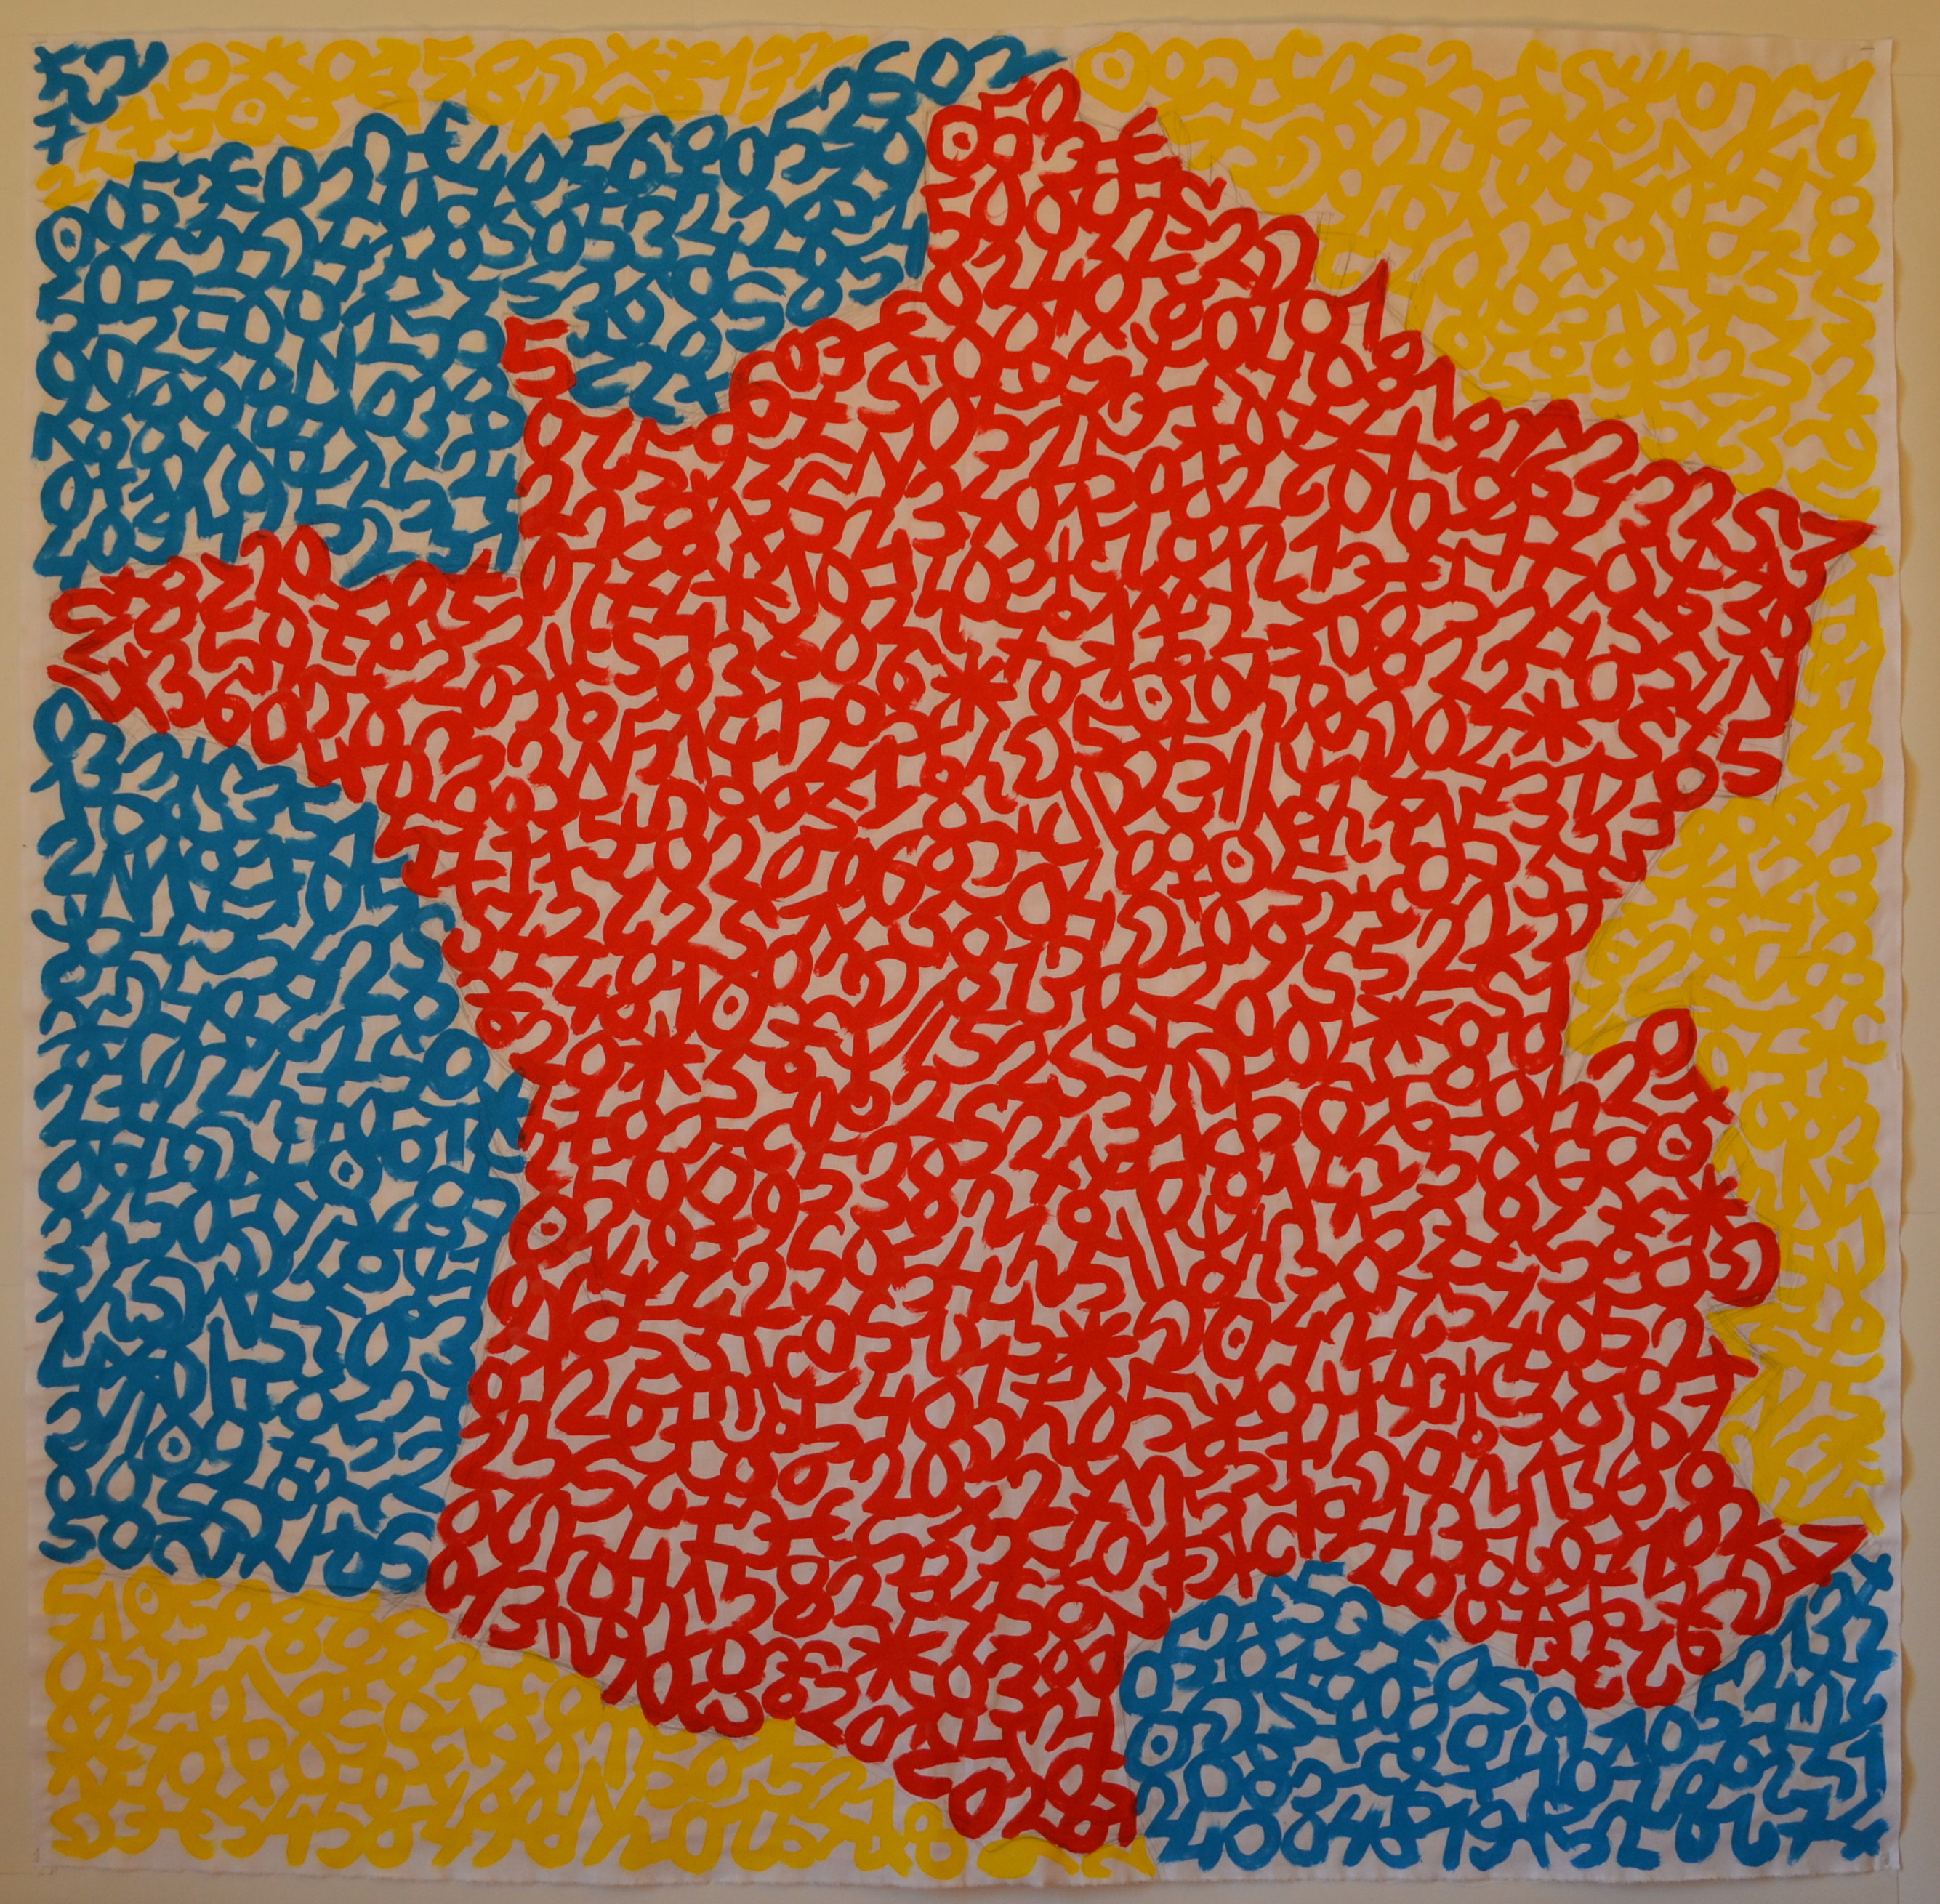 Mappemonde Peinture, La France, 25.02.2020, acrylique sur tissu libre, 151 x 151 cm. Représentation de la France par la notation de la position des planètes dans le ciel le 25 février 2020.